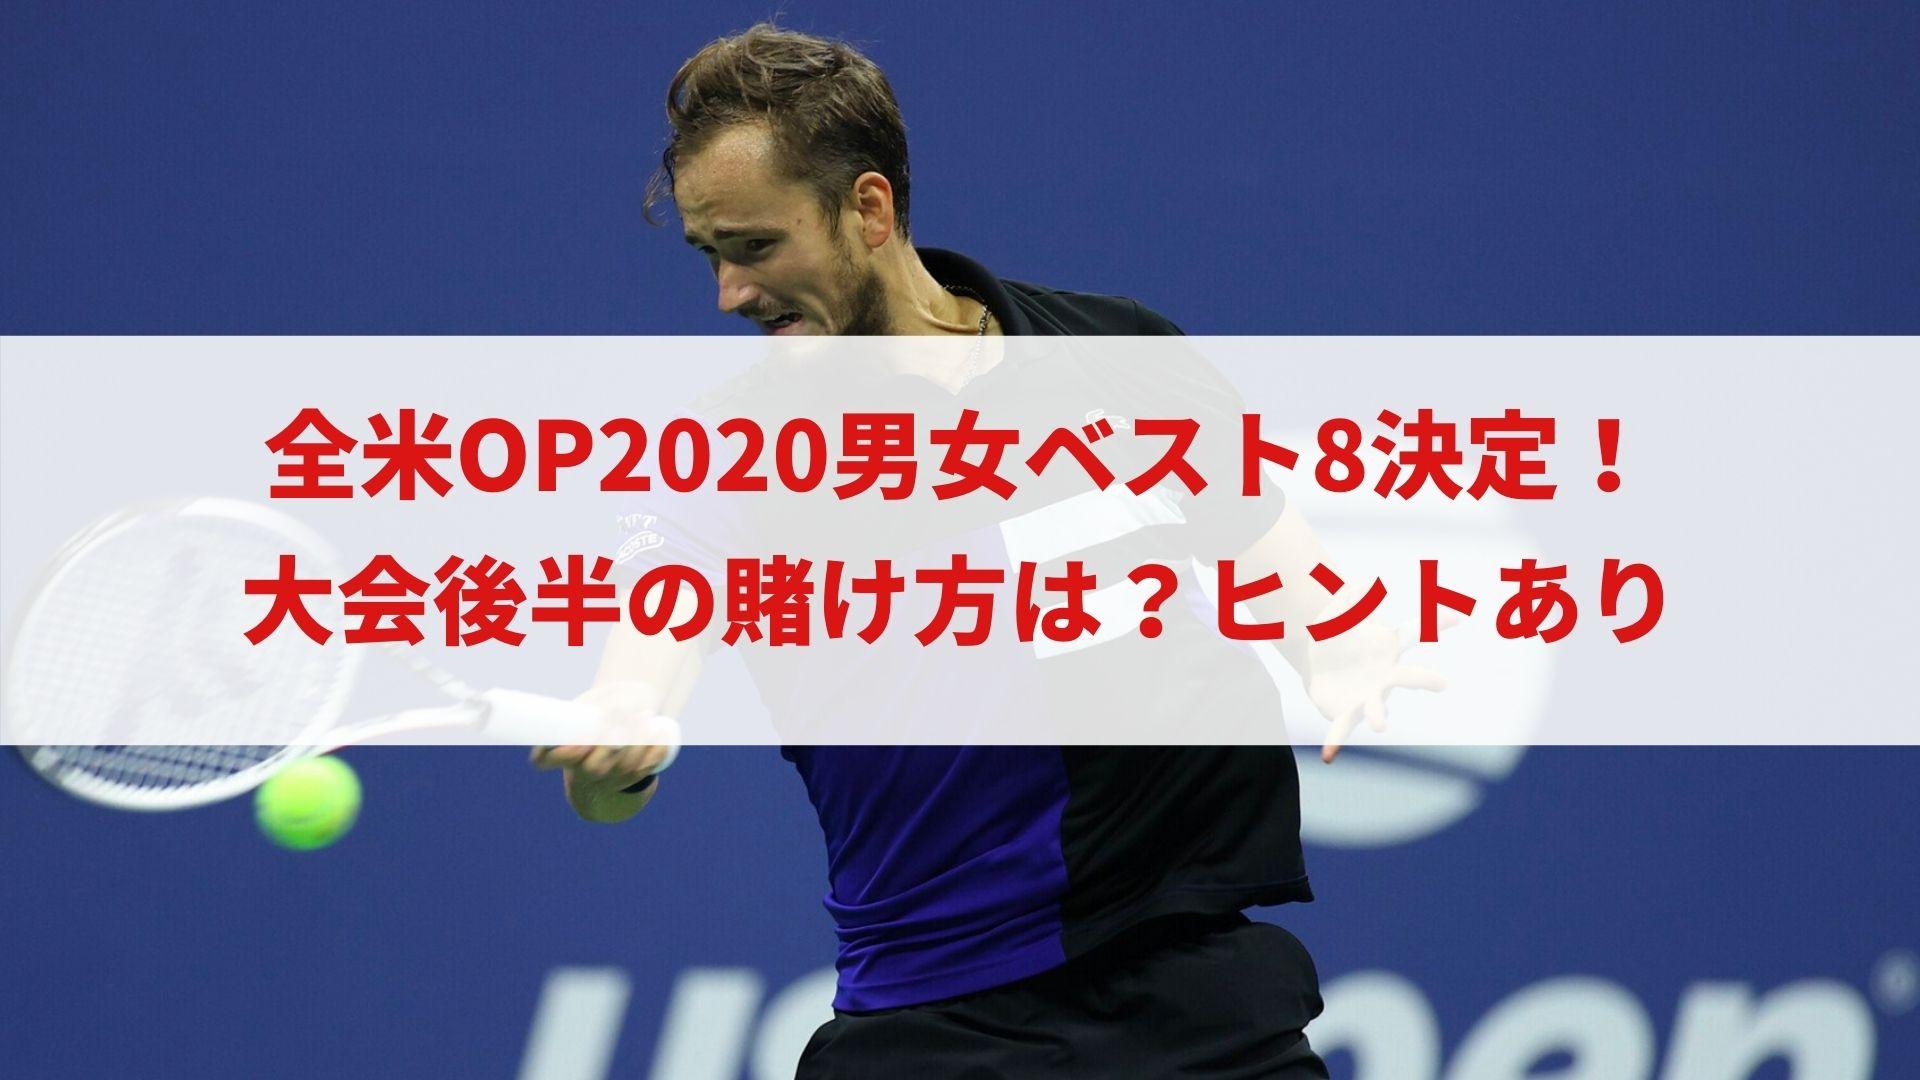 全米オープンテニス2020ベスト8